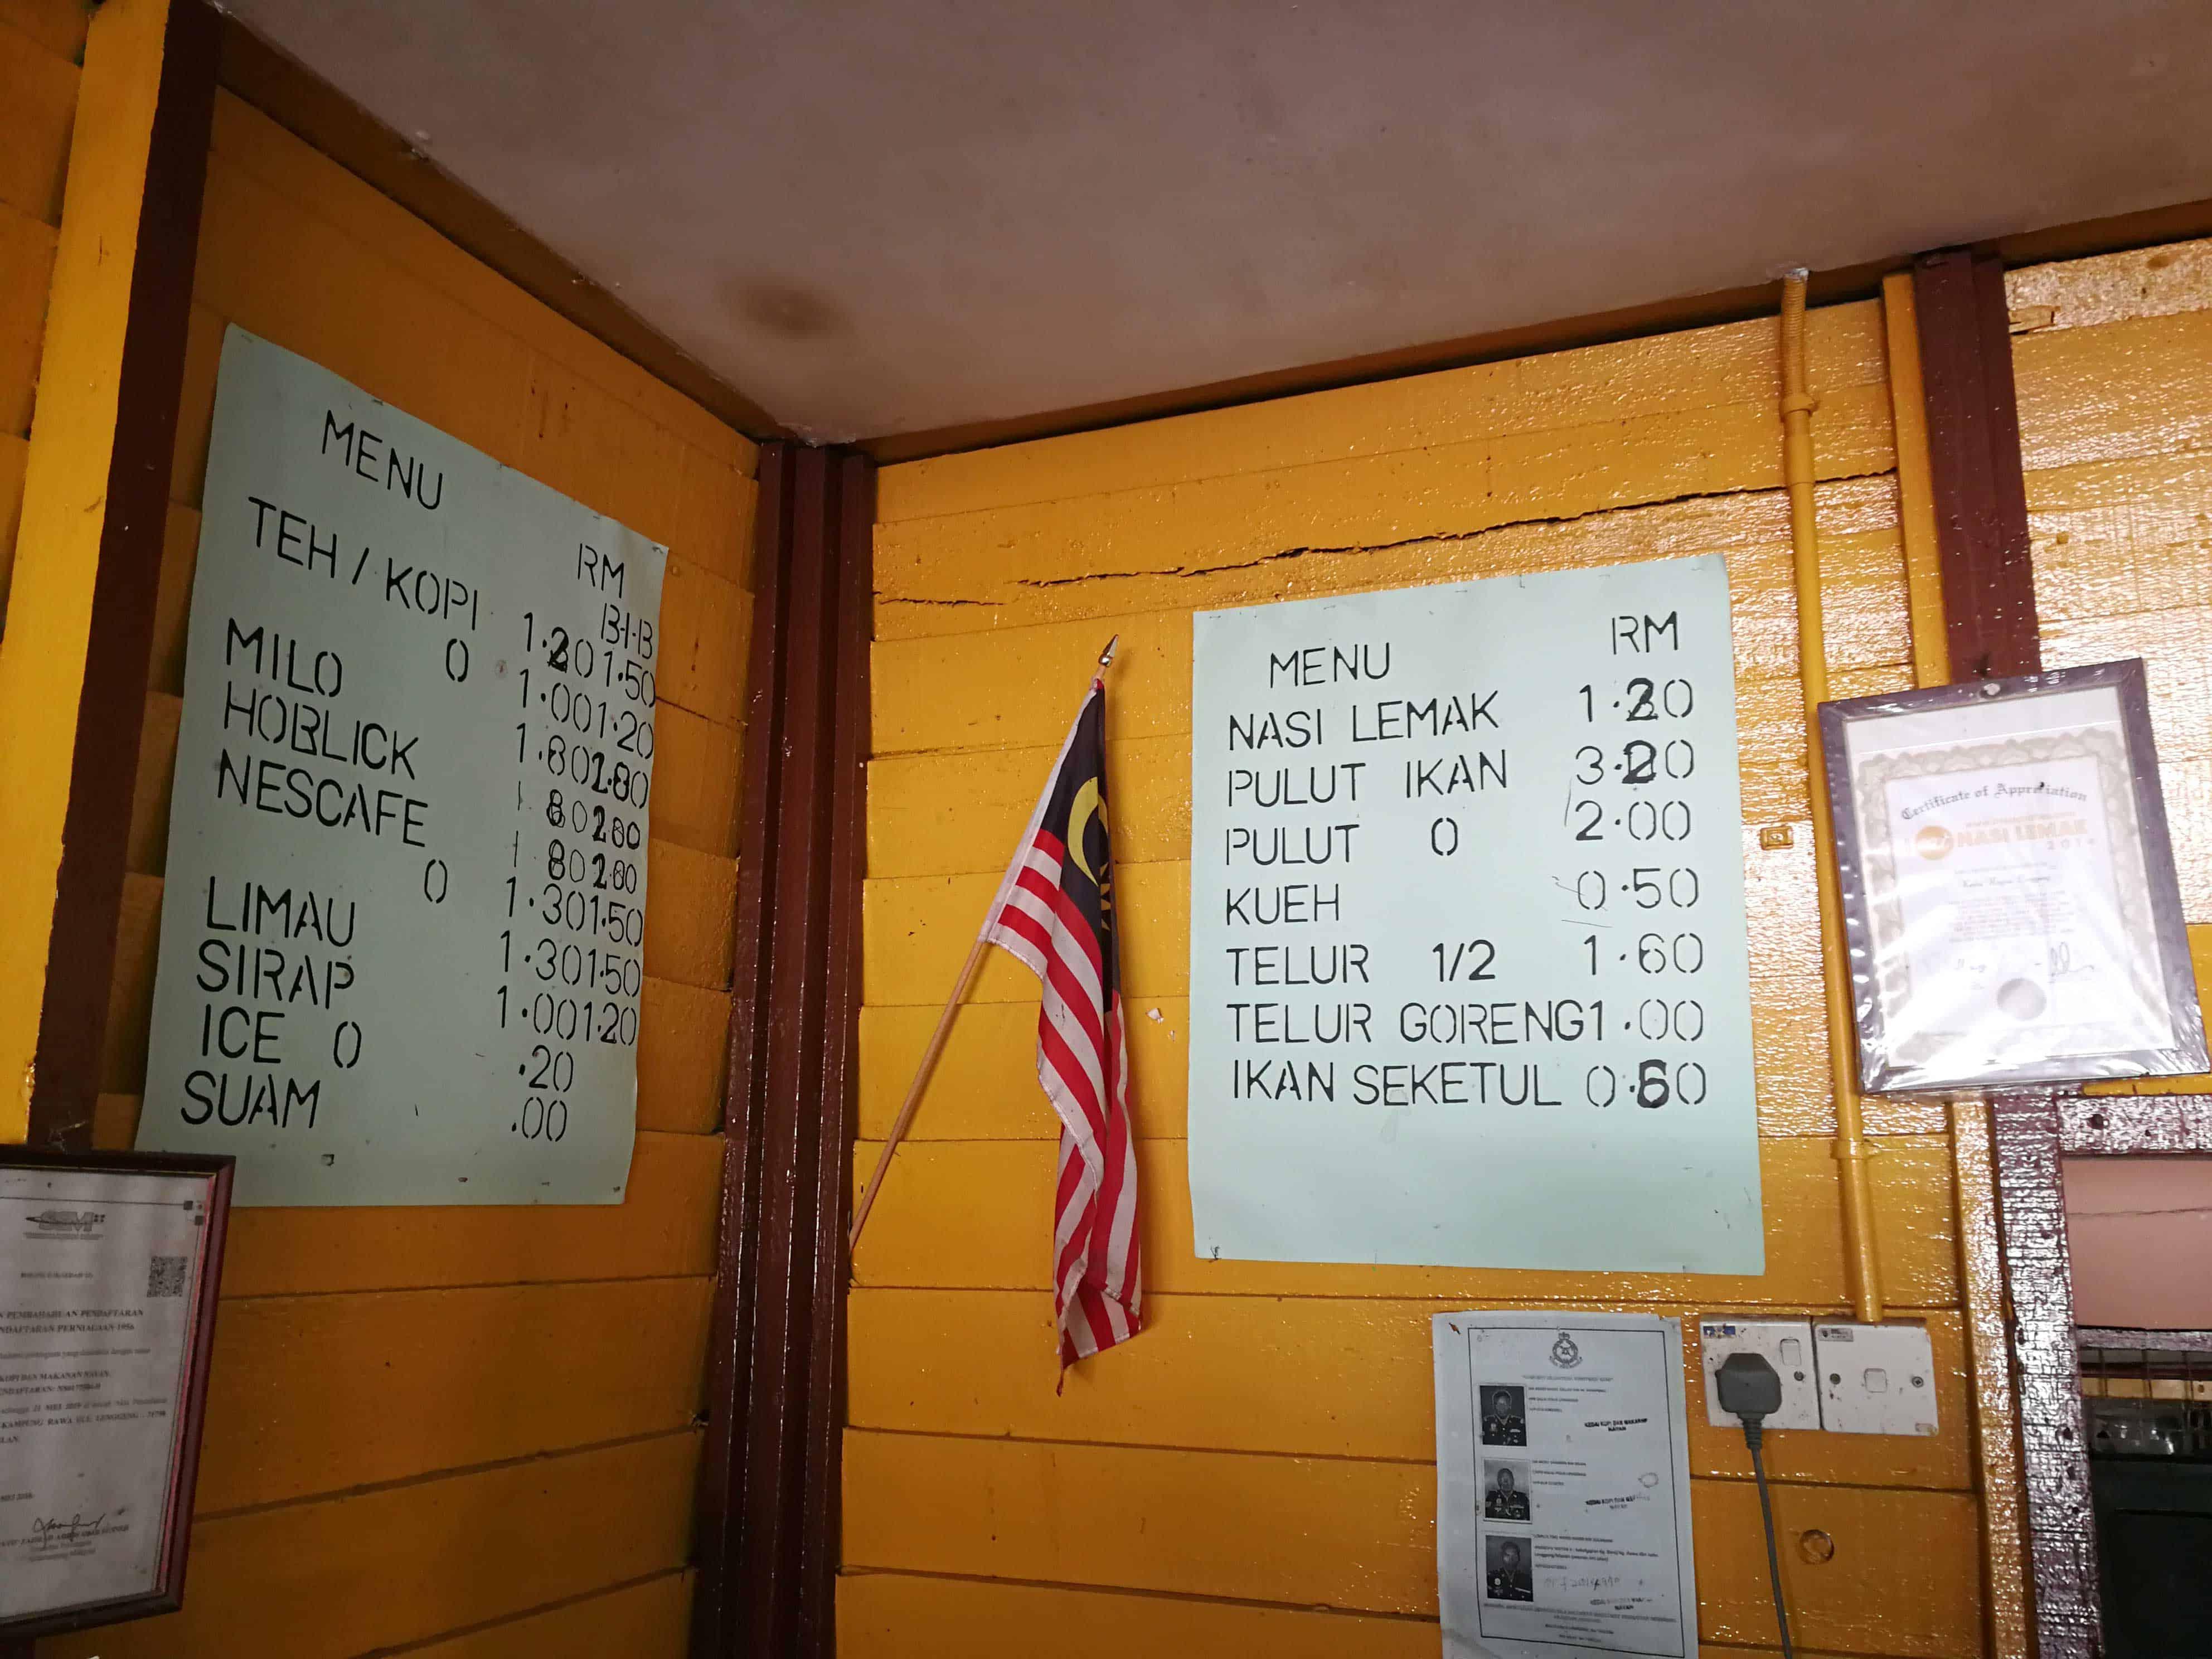 warung nayan lenggeng harga menu min - Menikmati Nasi Lemak Ikan Keli & Kodok Gelumang di Warung Nayan, Lenggeng - 5